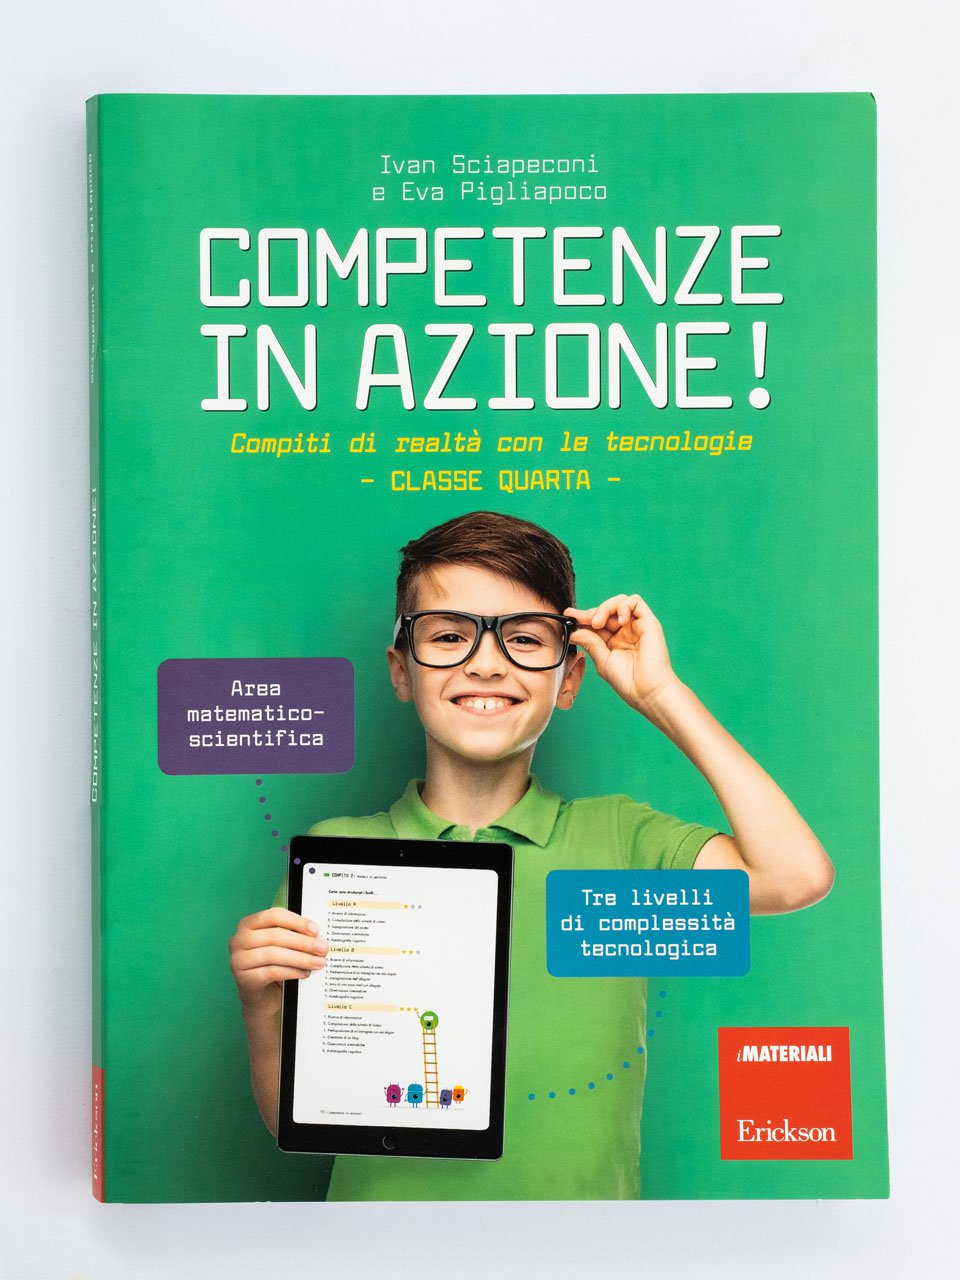 Competenze in azione! - Classe quarta - HELLO RUBY - Avventure nel mondo del coding - Libri - Erickson